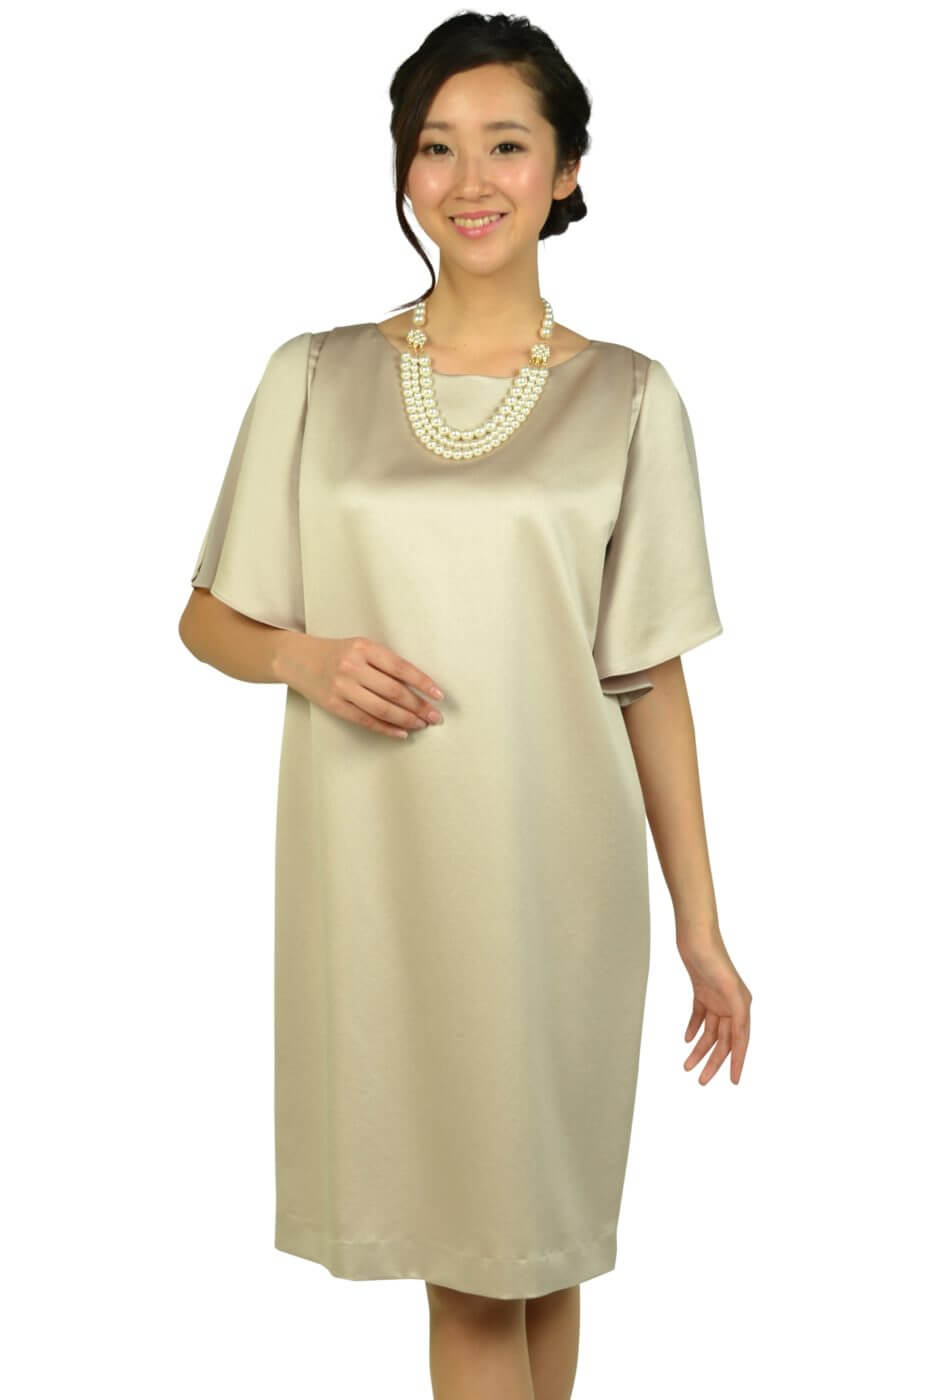 アンタイトル (UNTITLED)光沢シャンパンベージュゆったりドレス